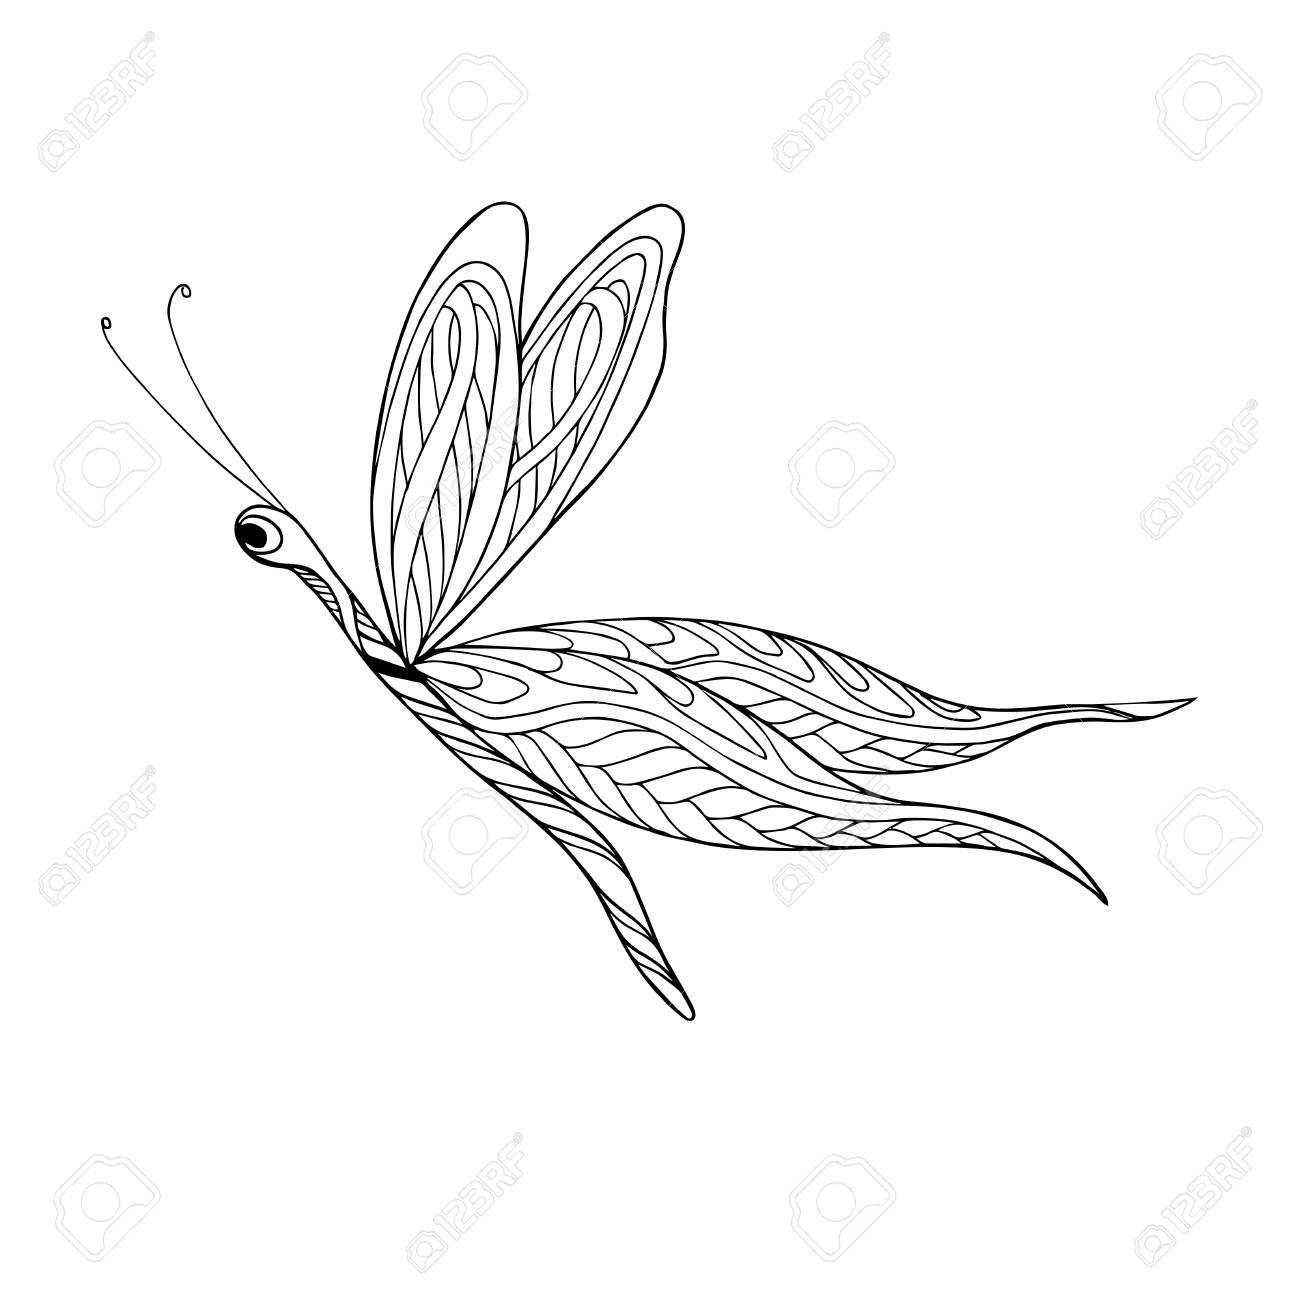 Dekorative Schmetterling. Malbuch Für Erwachsene Und ältere Kinder ...